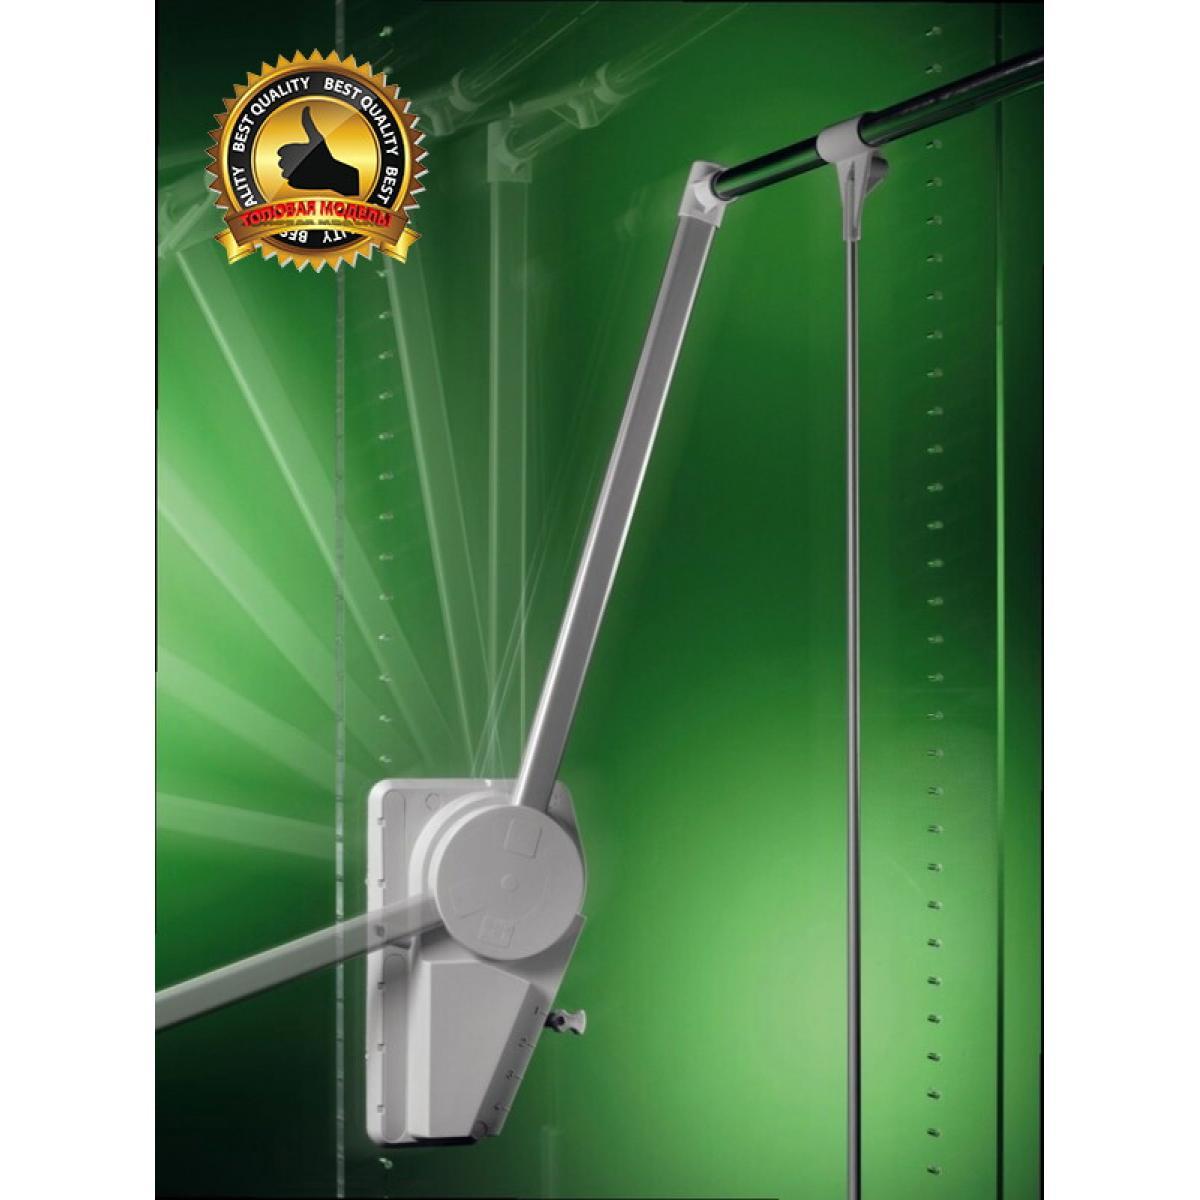 пантограф мебельный Супер Лифт 151/A для одежды в шкаф цвет серый; Производитель: Ambos SRL ИТАЛИЯ